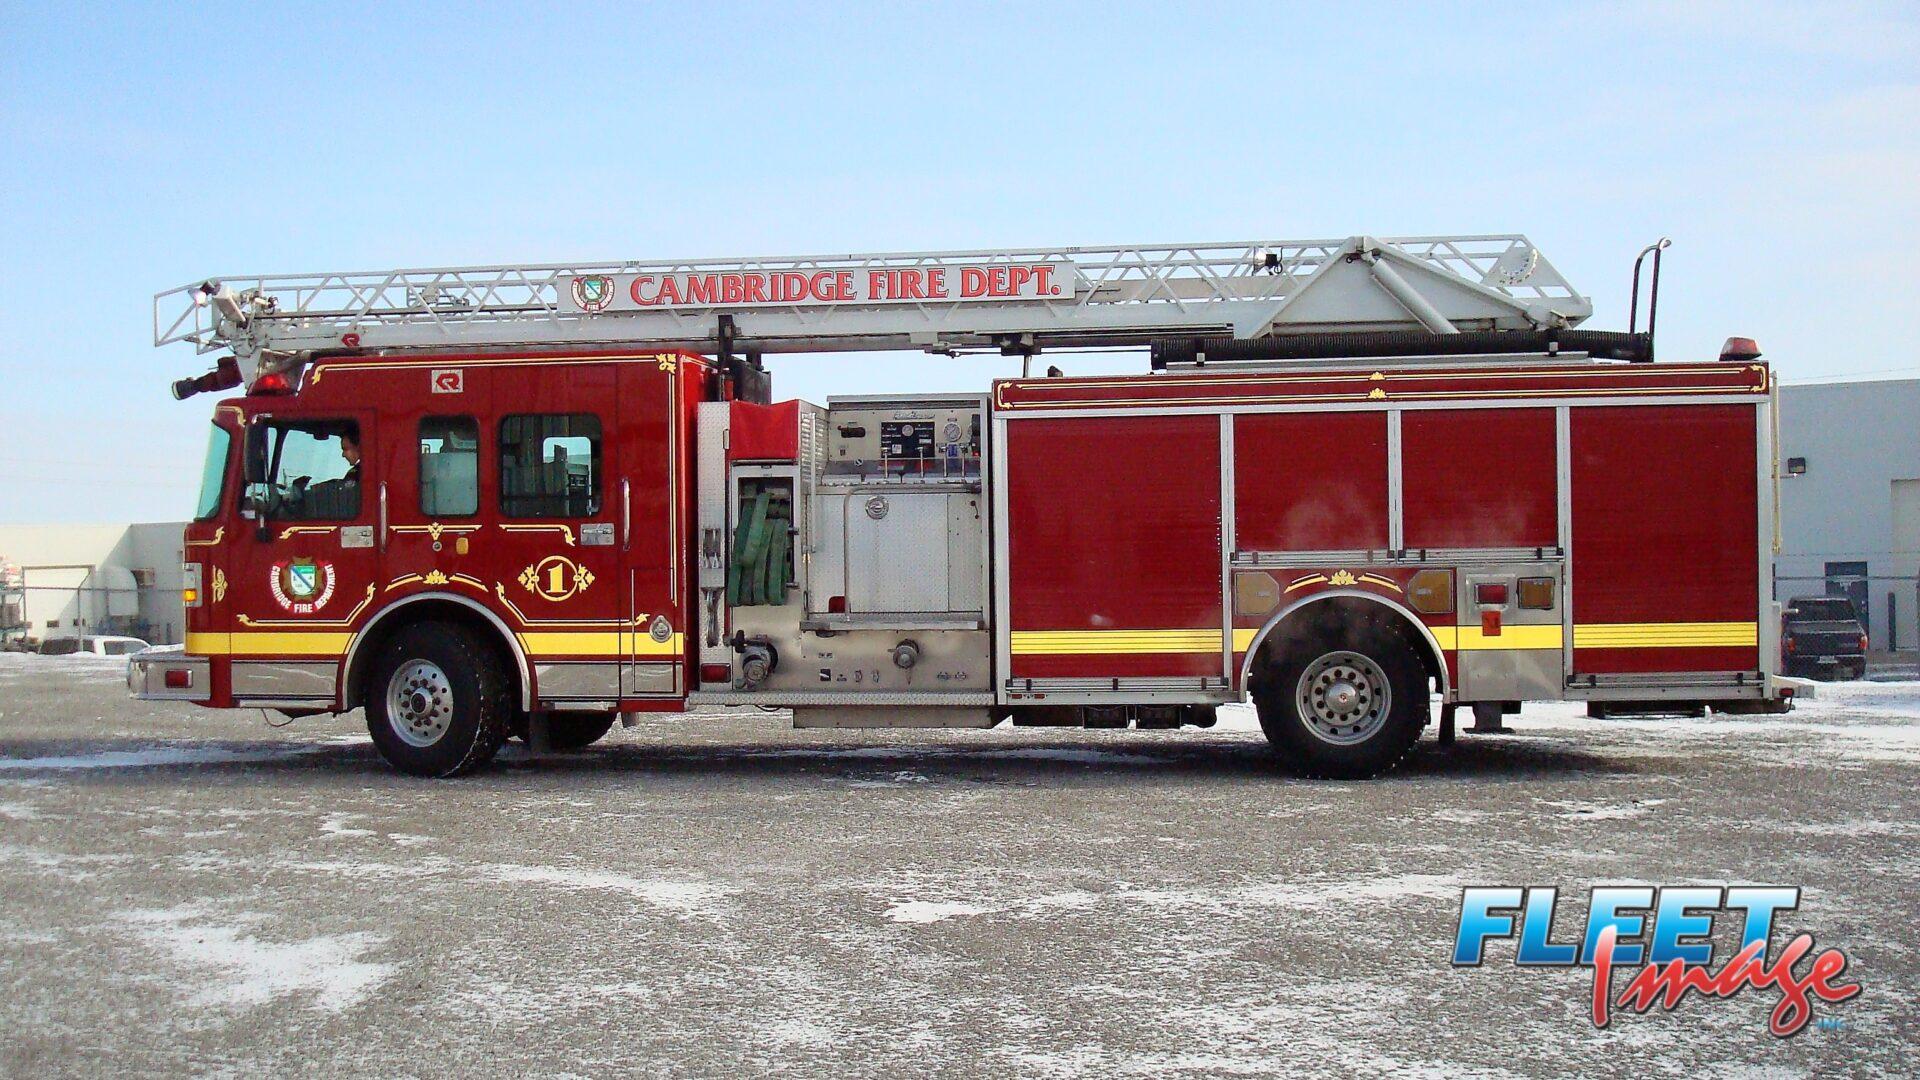 CAMBRIDGE FIRE DEPT. decal on a fire truck